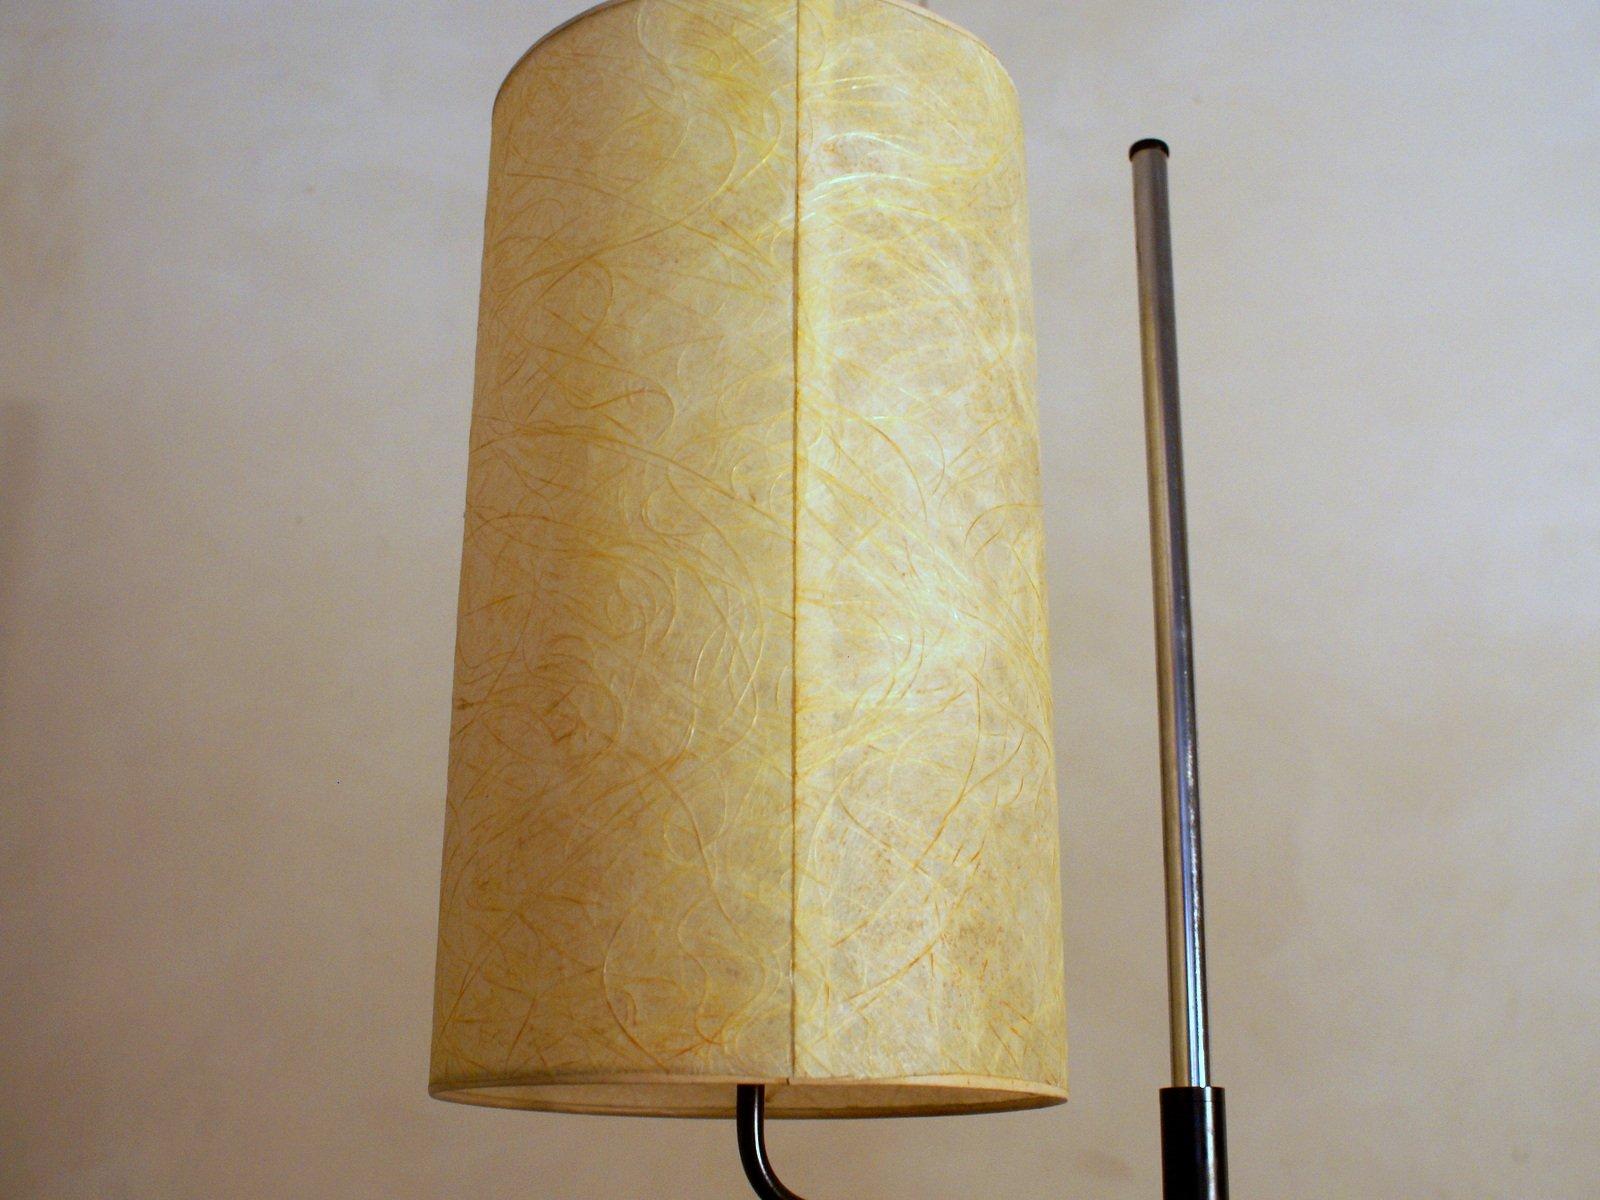 vintage stehlampe mit fiberglas schirm bei pamono kaufen. Black Bedroom Furniture Sets. Home Design Ideas